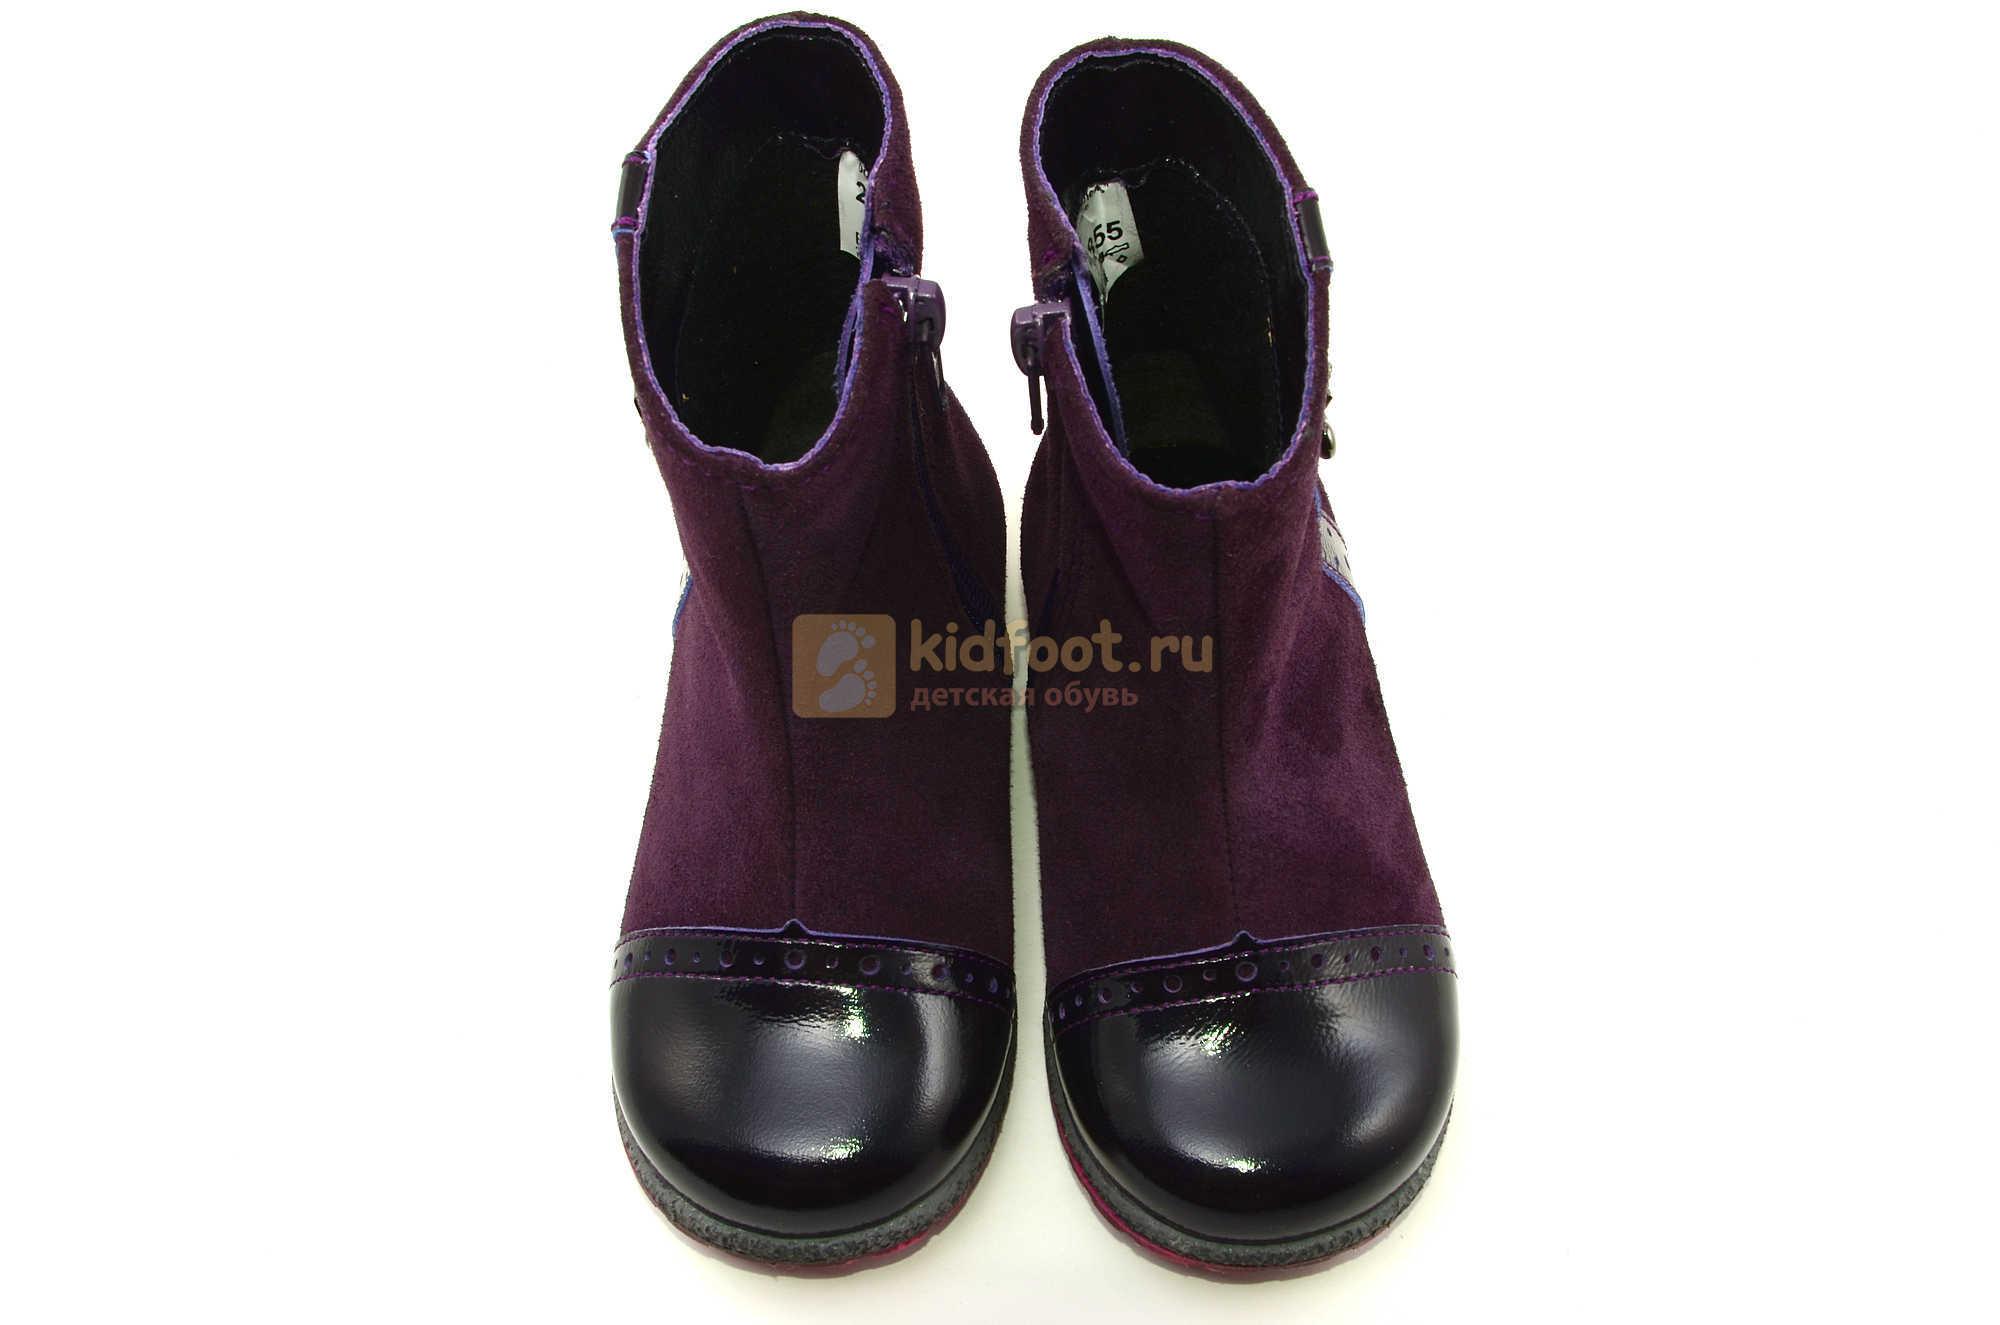 Демисезонные полусапожки Лель (LEL) из натуральной кожи на байке для девочек, цвет фиолетовый